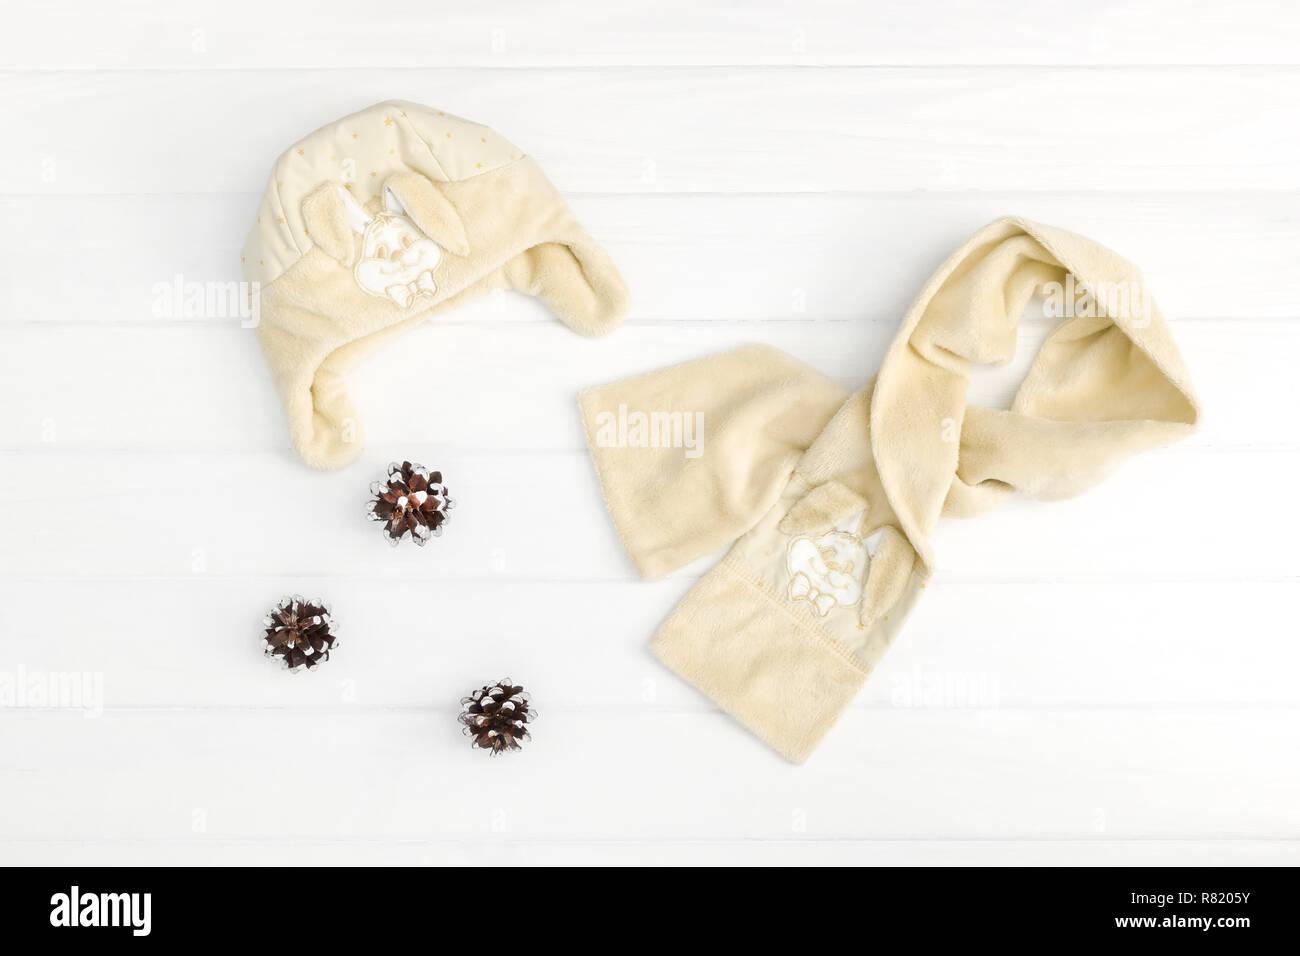 El otoño o invierno ropa de moda. Bebé ropa de color beige en el fondo de madera. Imagen De Stock